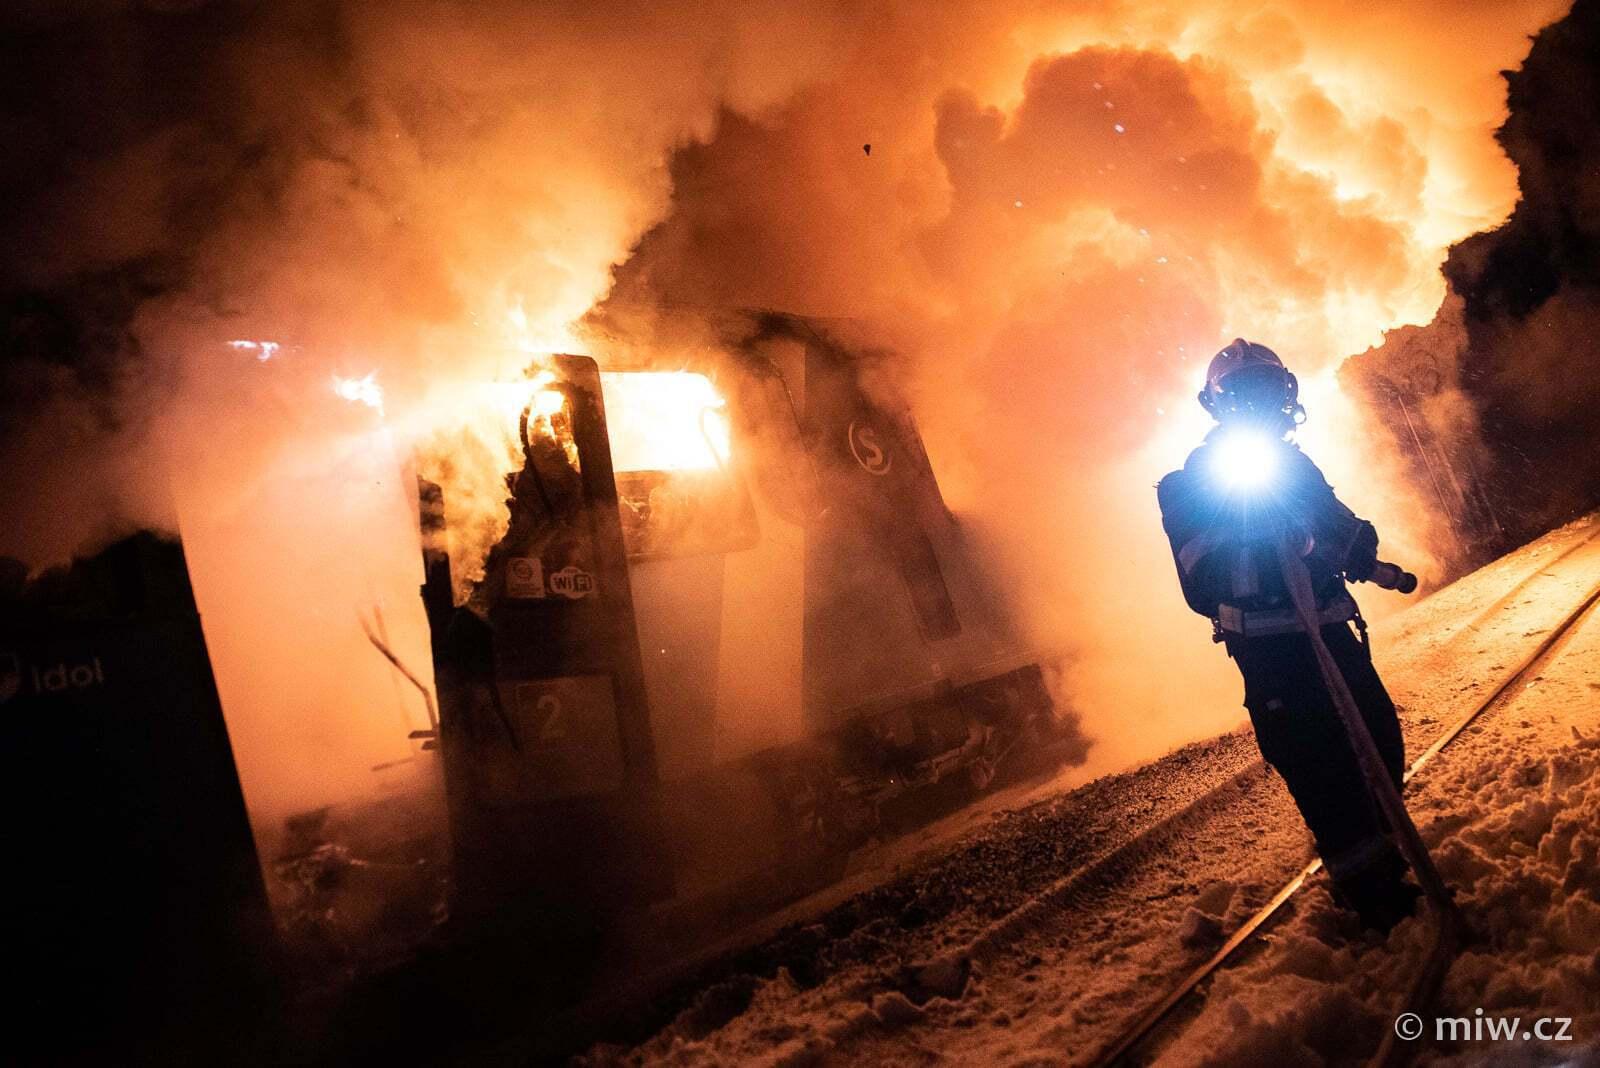 Пожар уничтожил два вагона